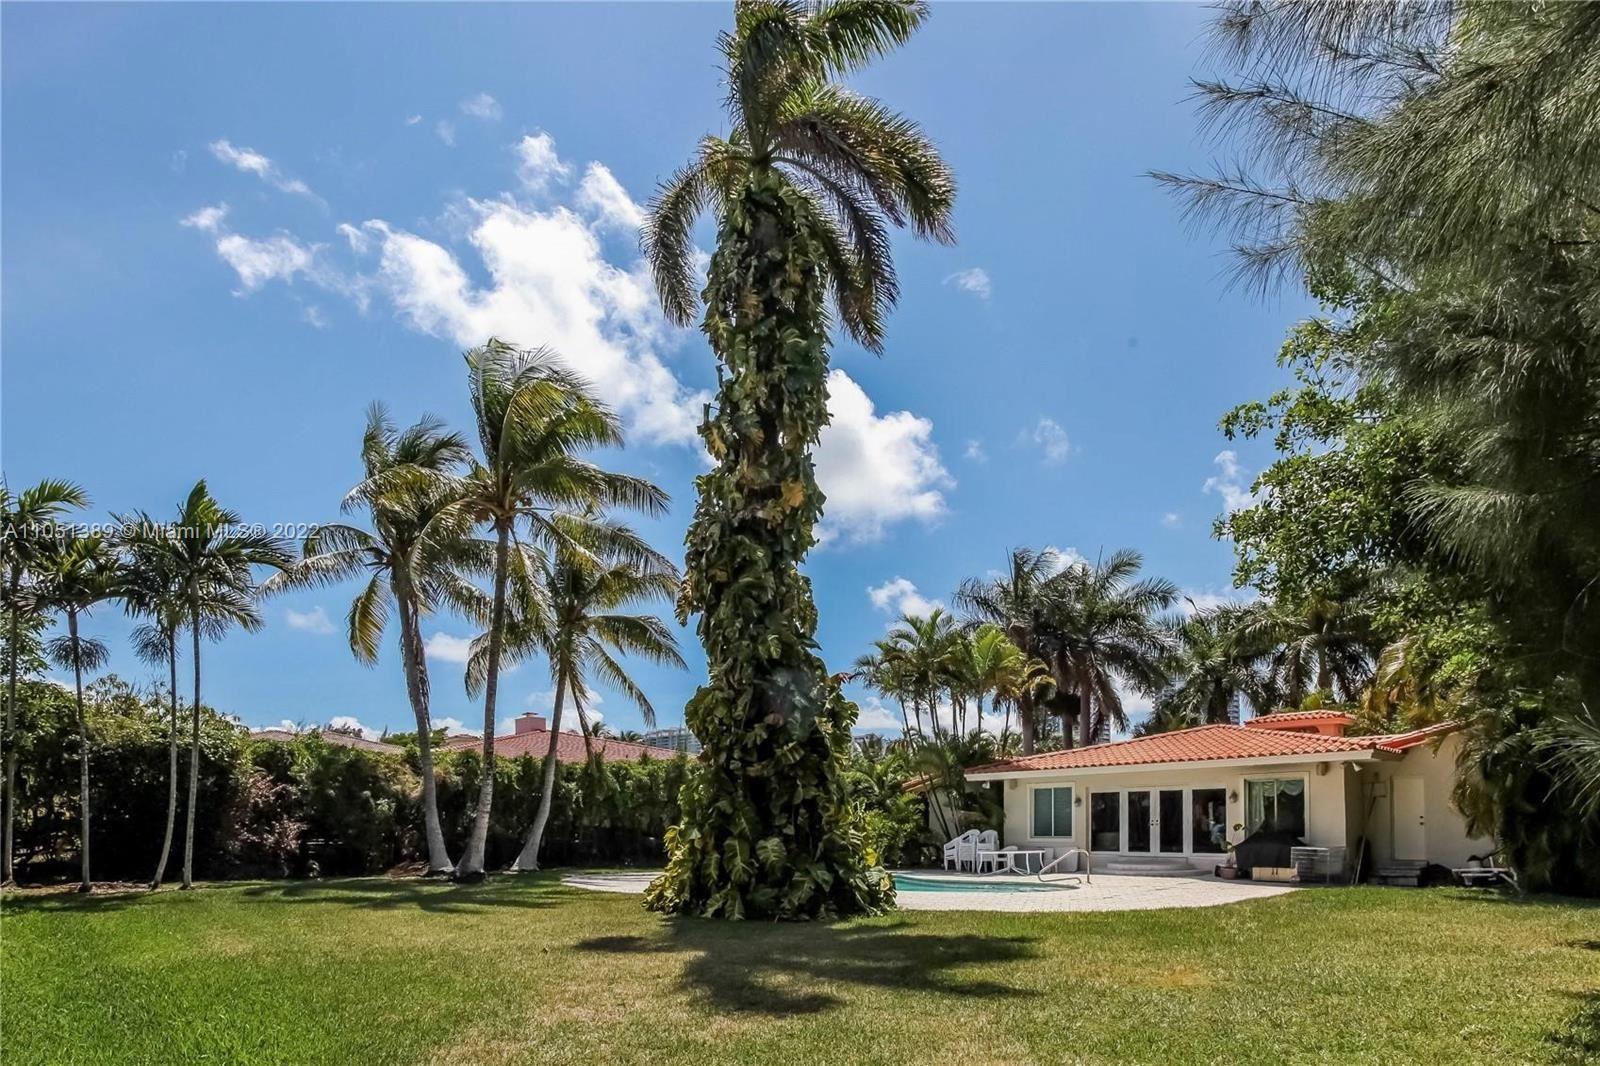 Photo of 547 Golden Beach Dr, Golden Beach, FL 33160 (MLS # A11051389)